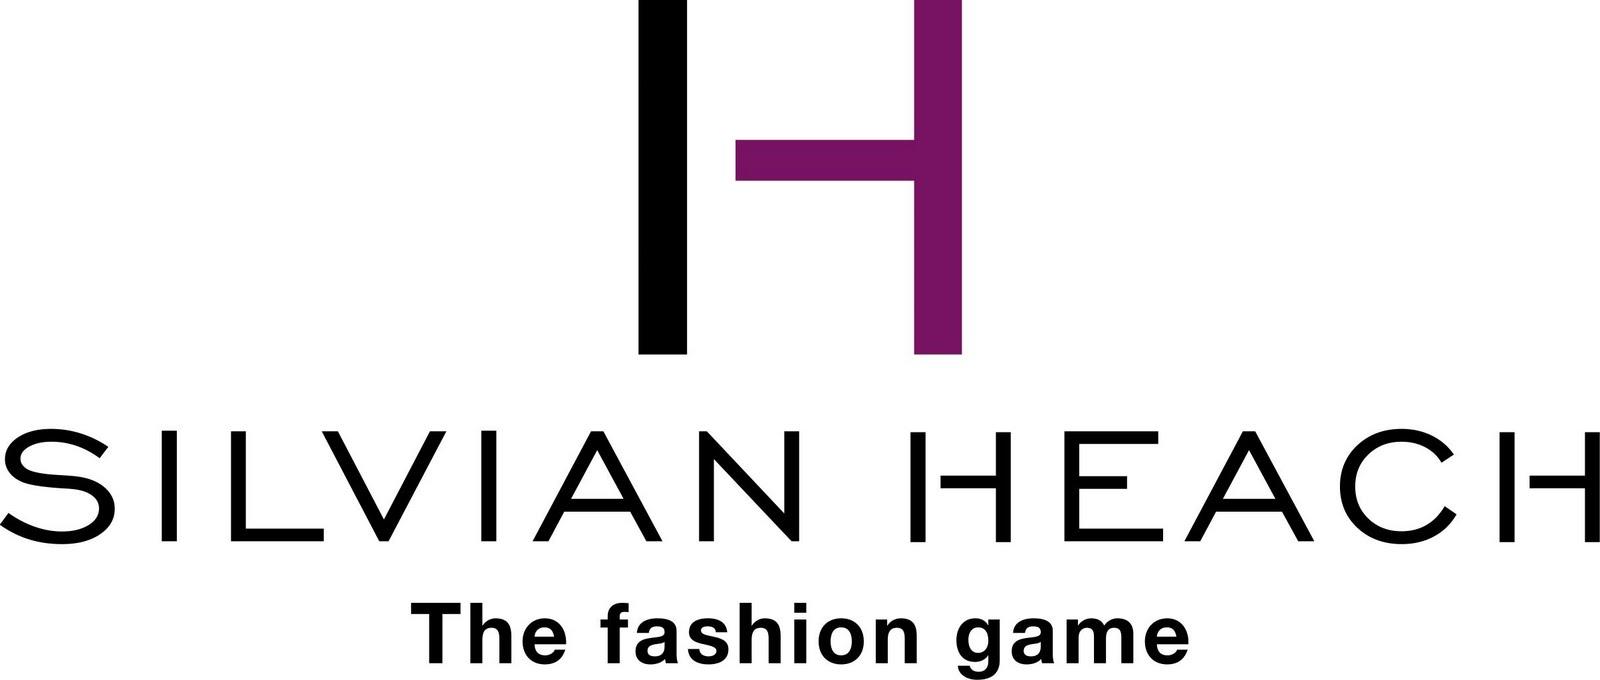 Логотипы Брендовой Одежды С Доставкой